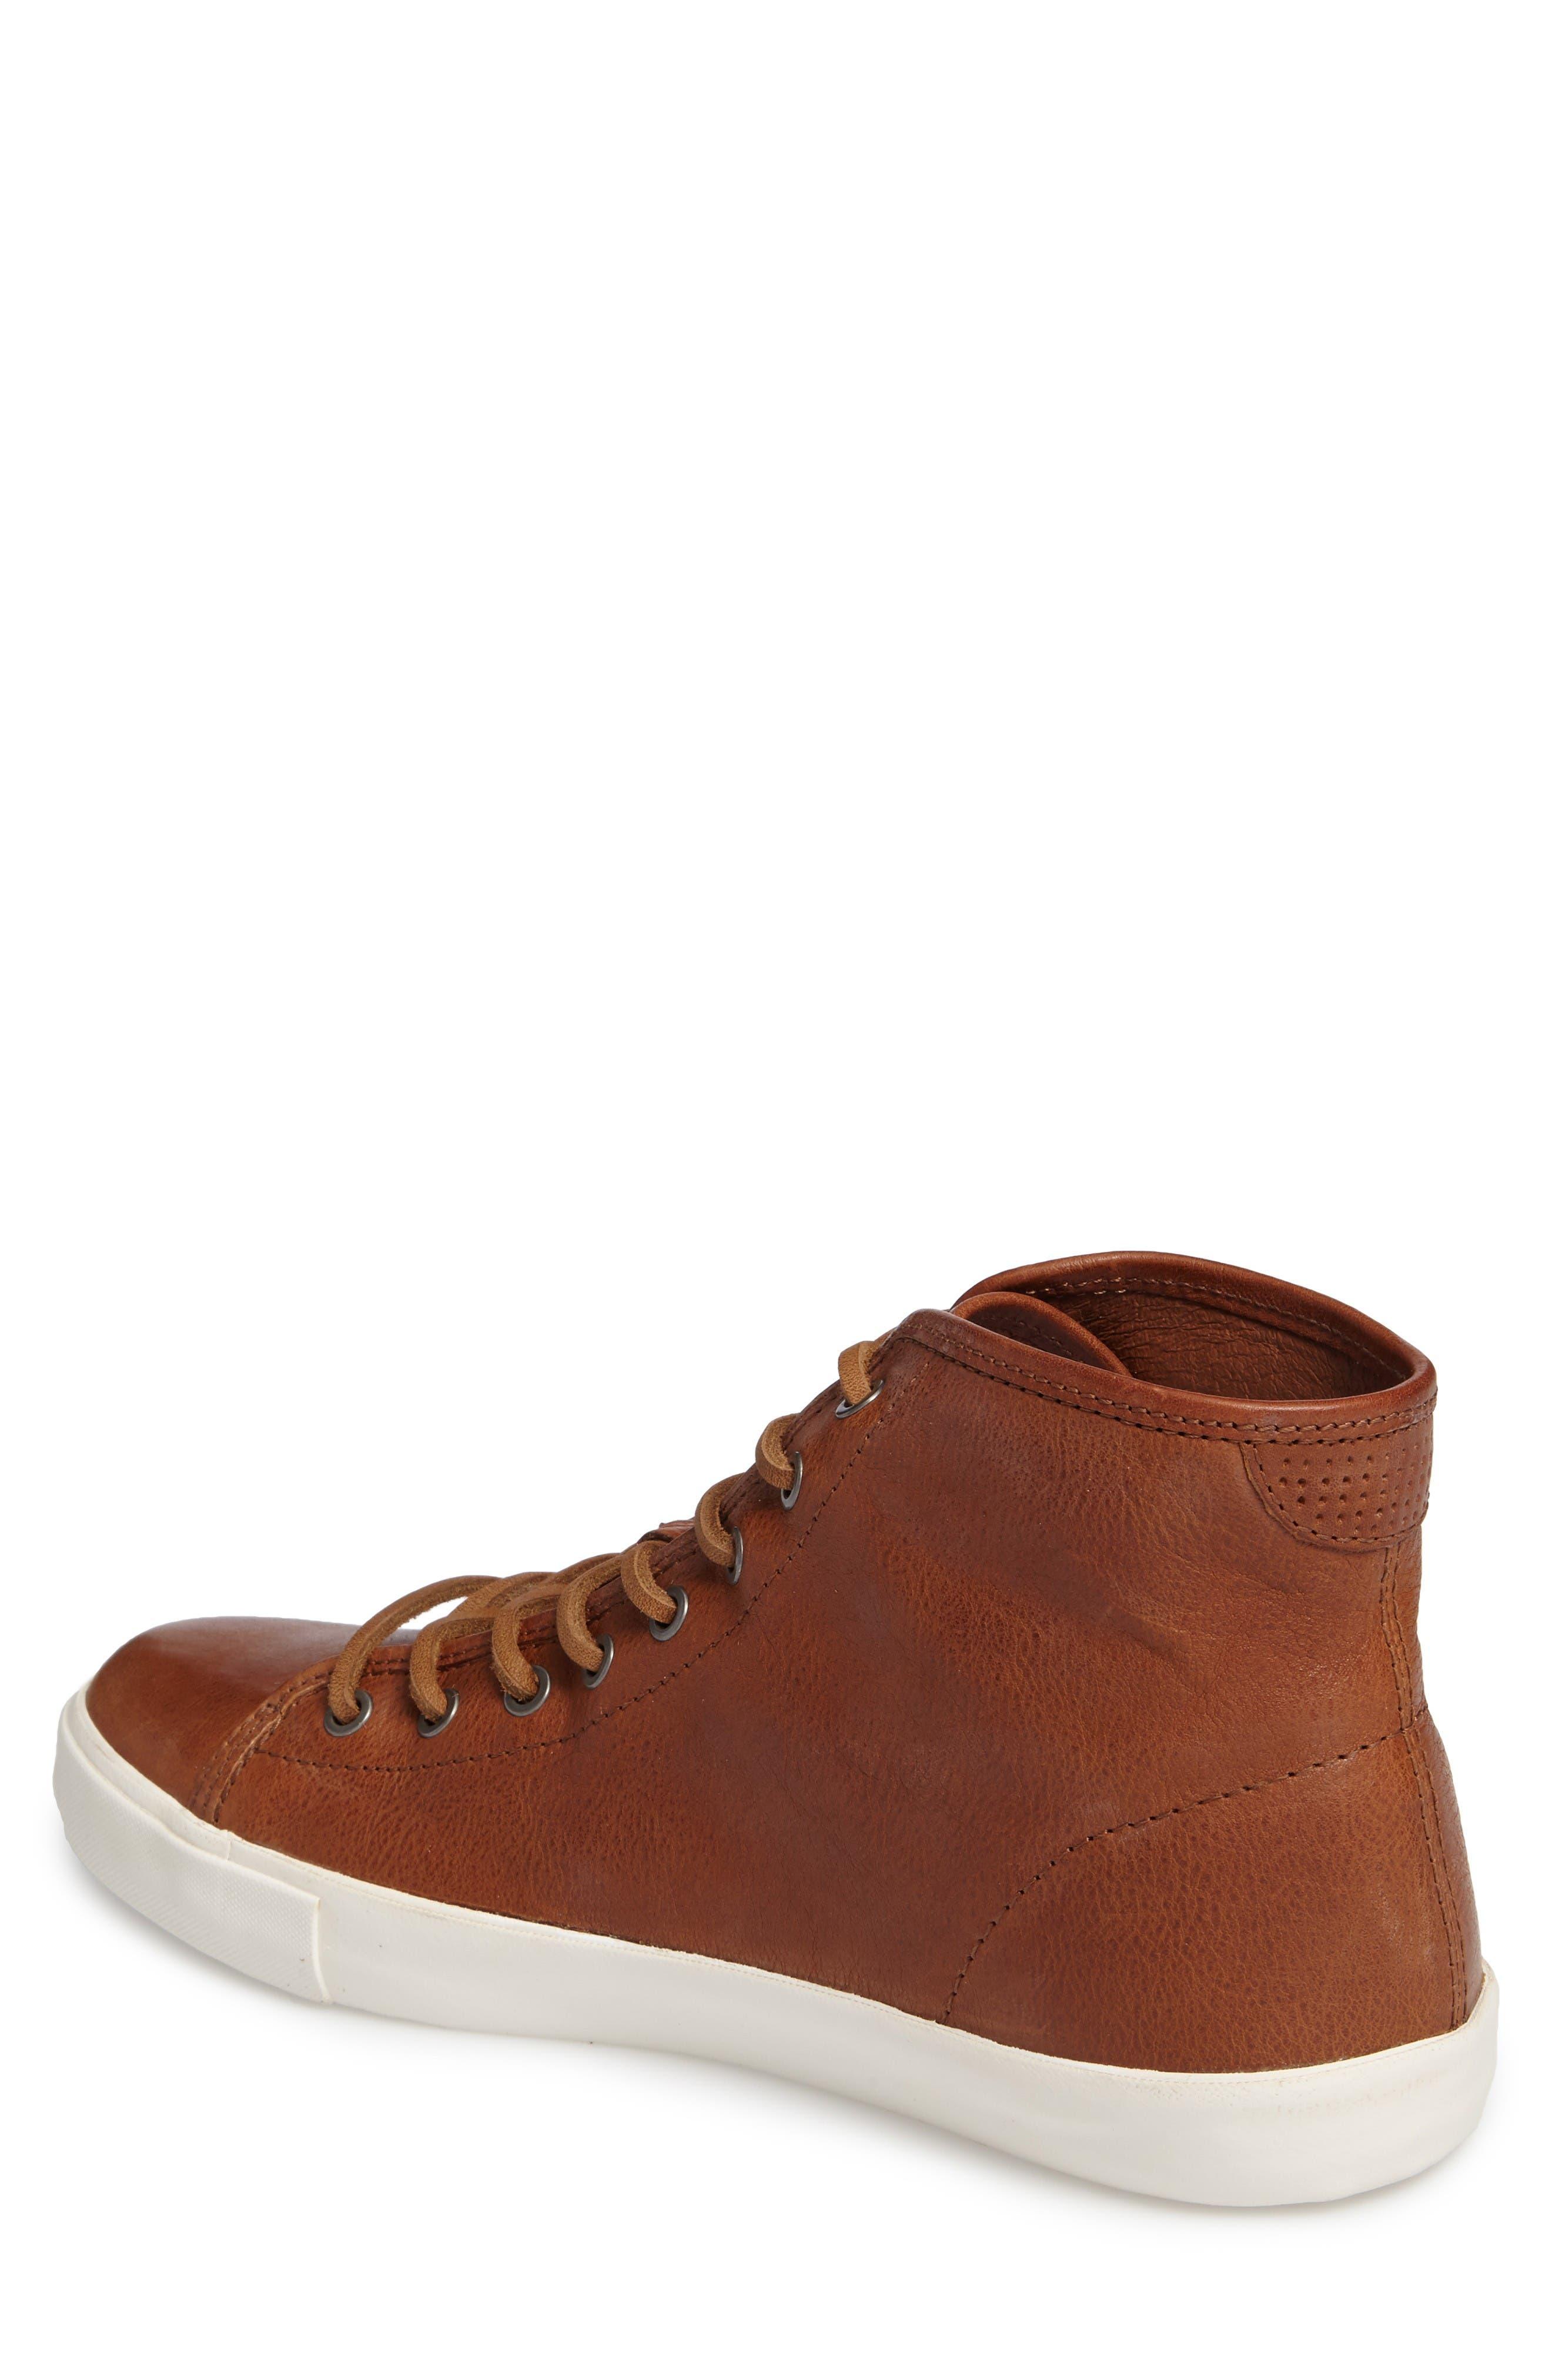 Brett High Top Sneaker,                             Alternate thumbnail 2, color,                             Copper